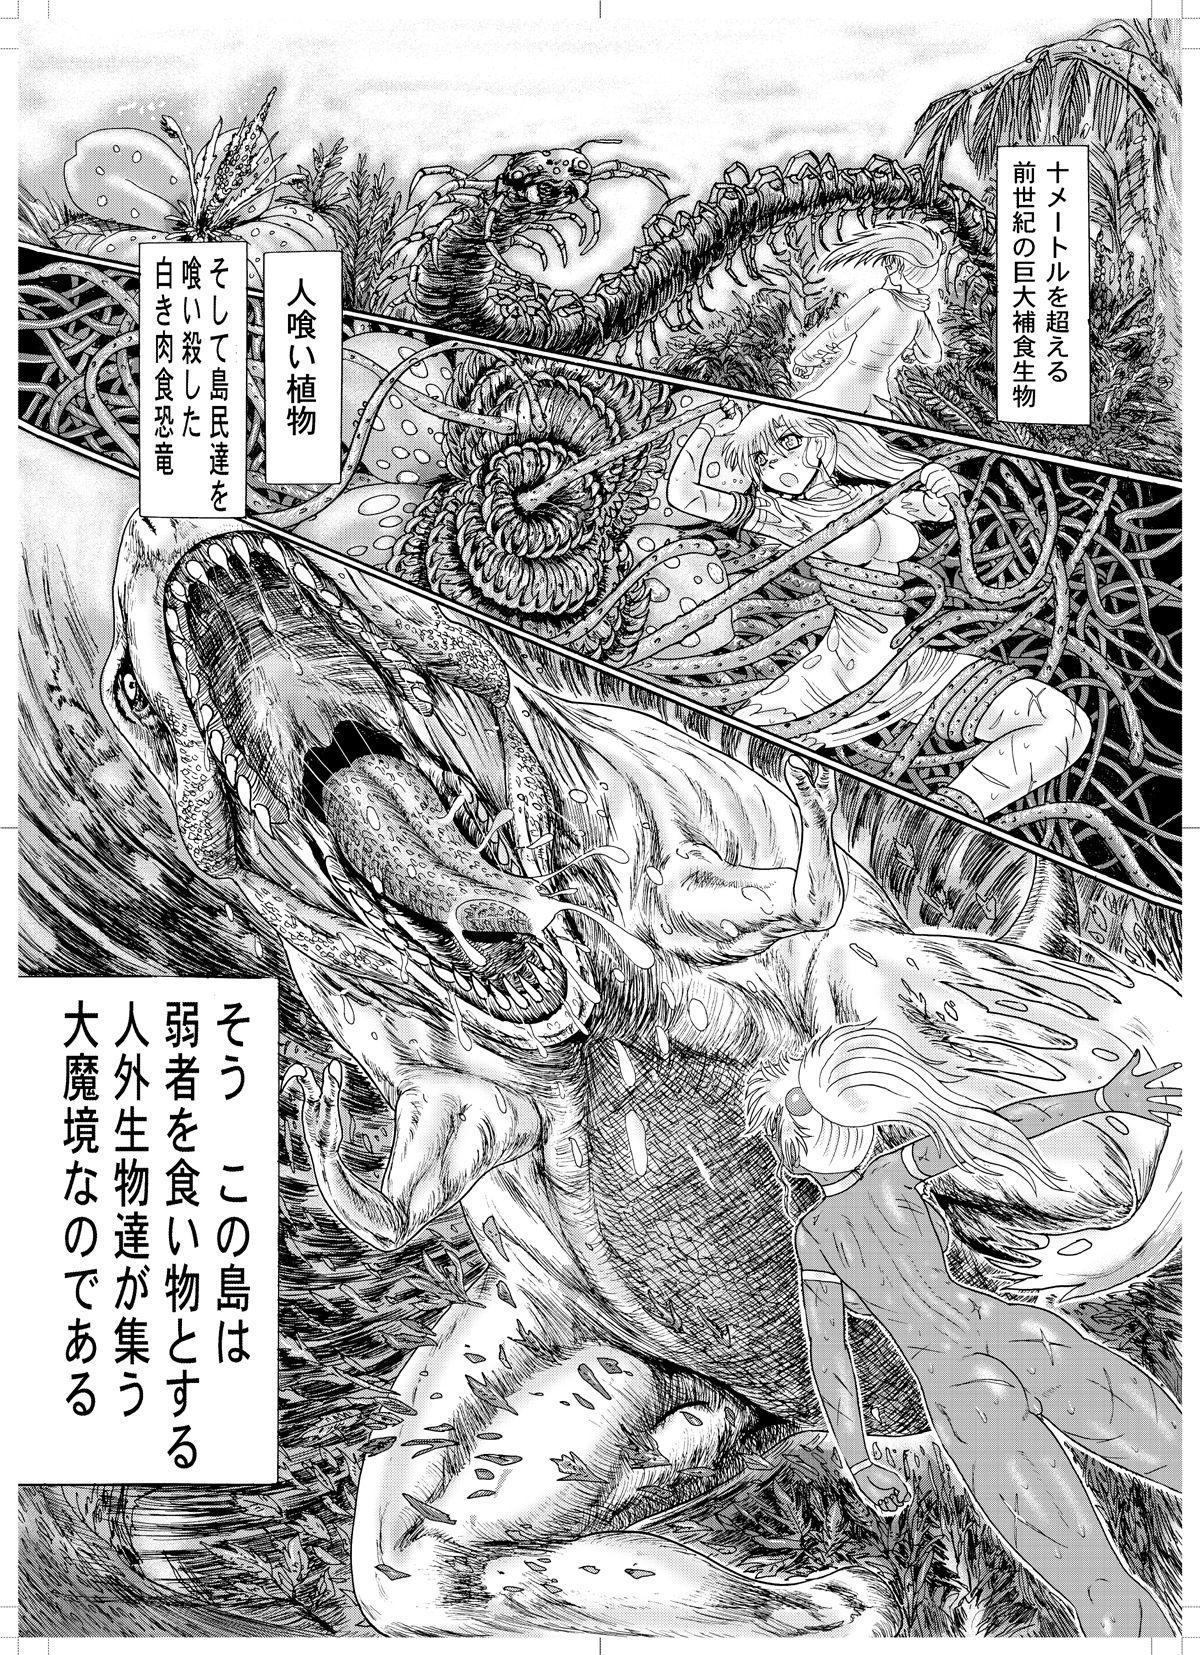 Koutetsu Choujin Black Muscle 23